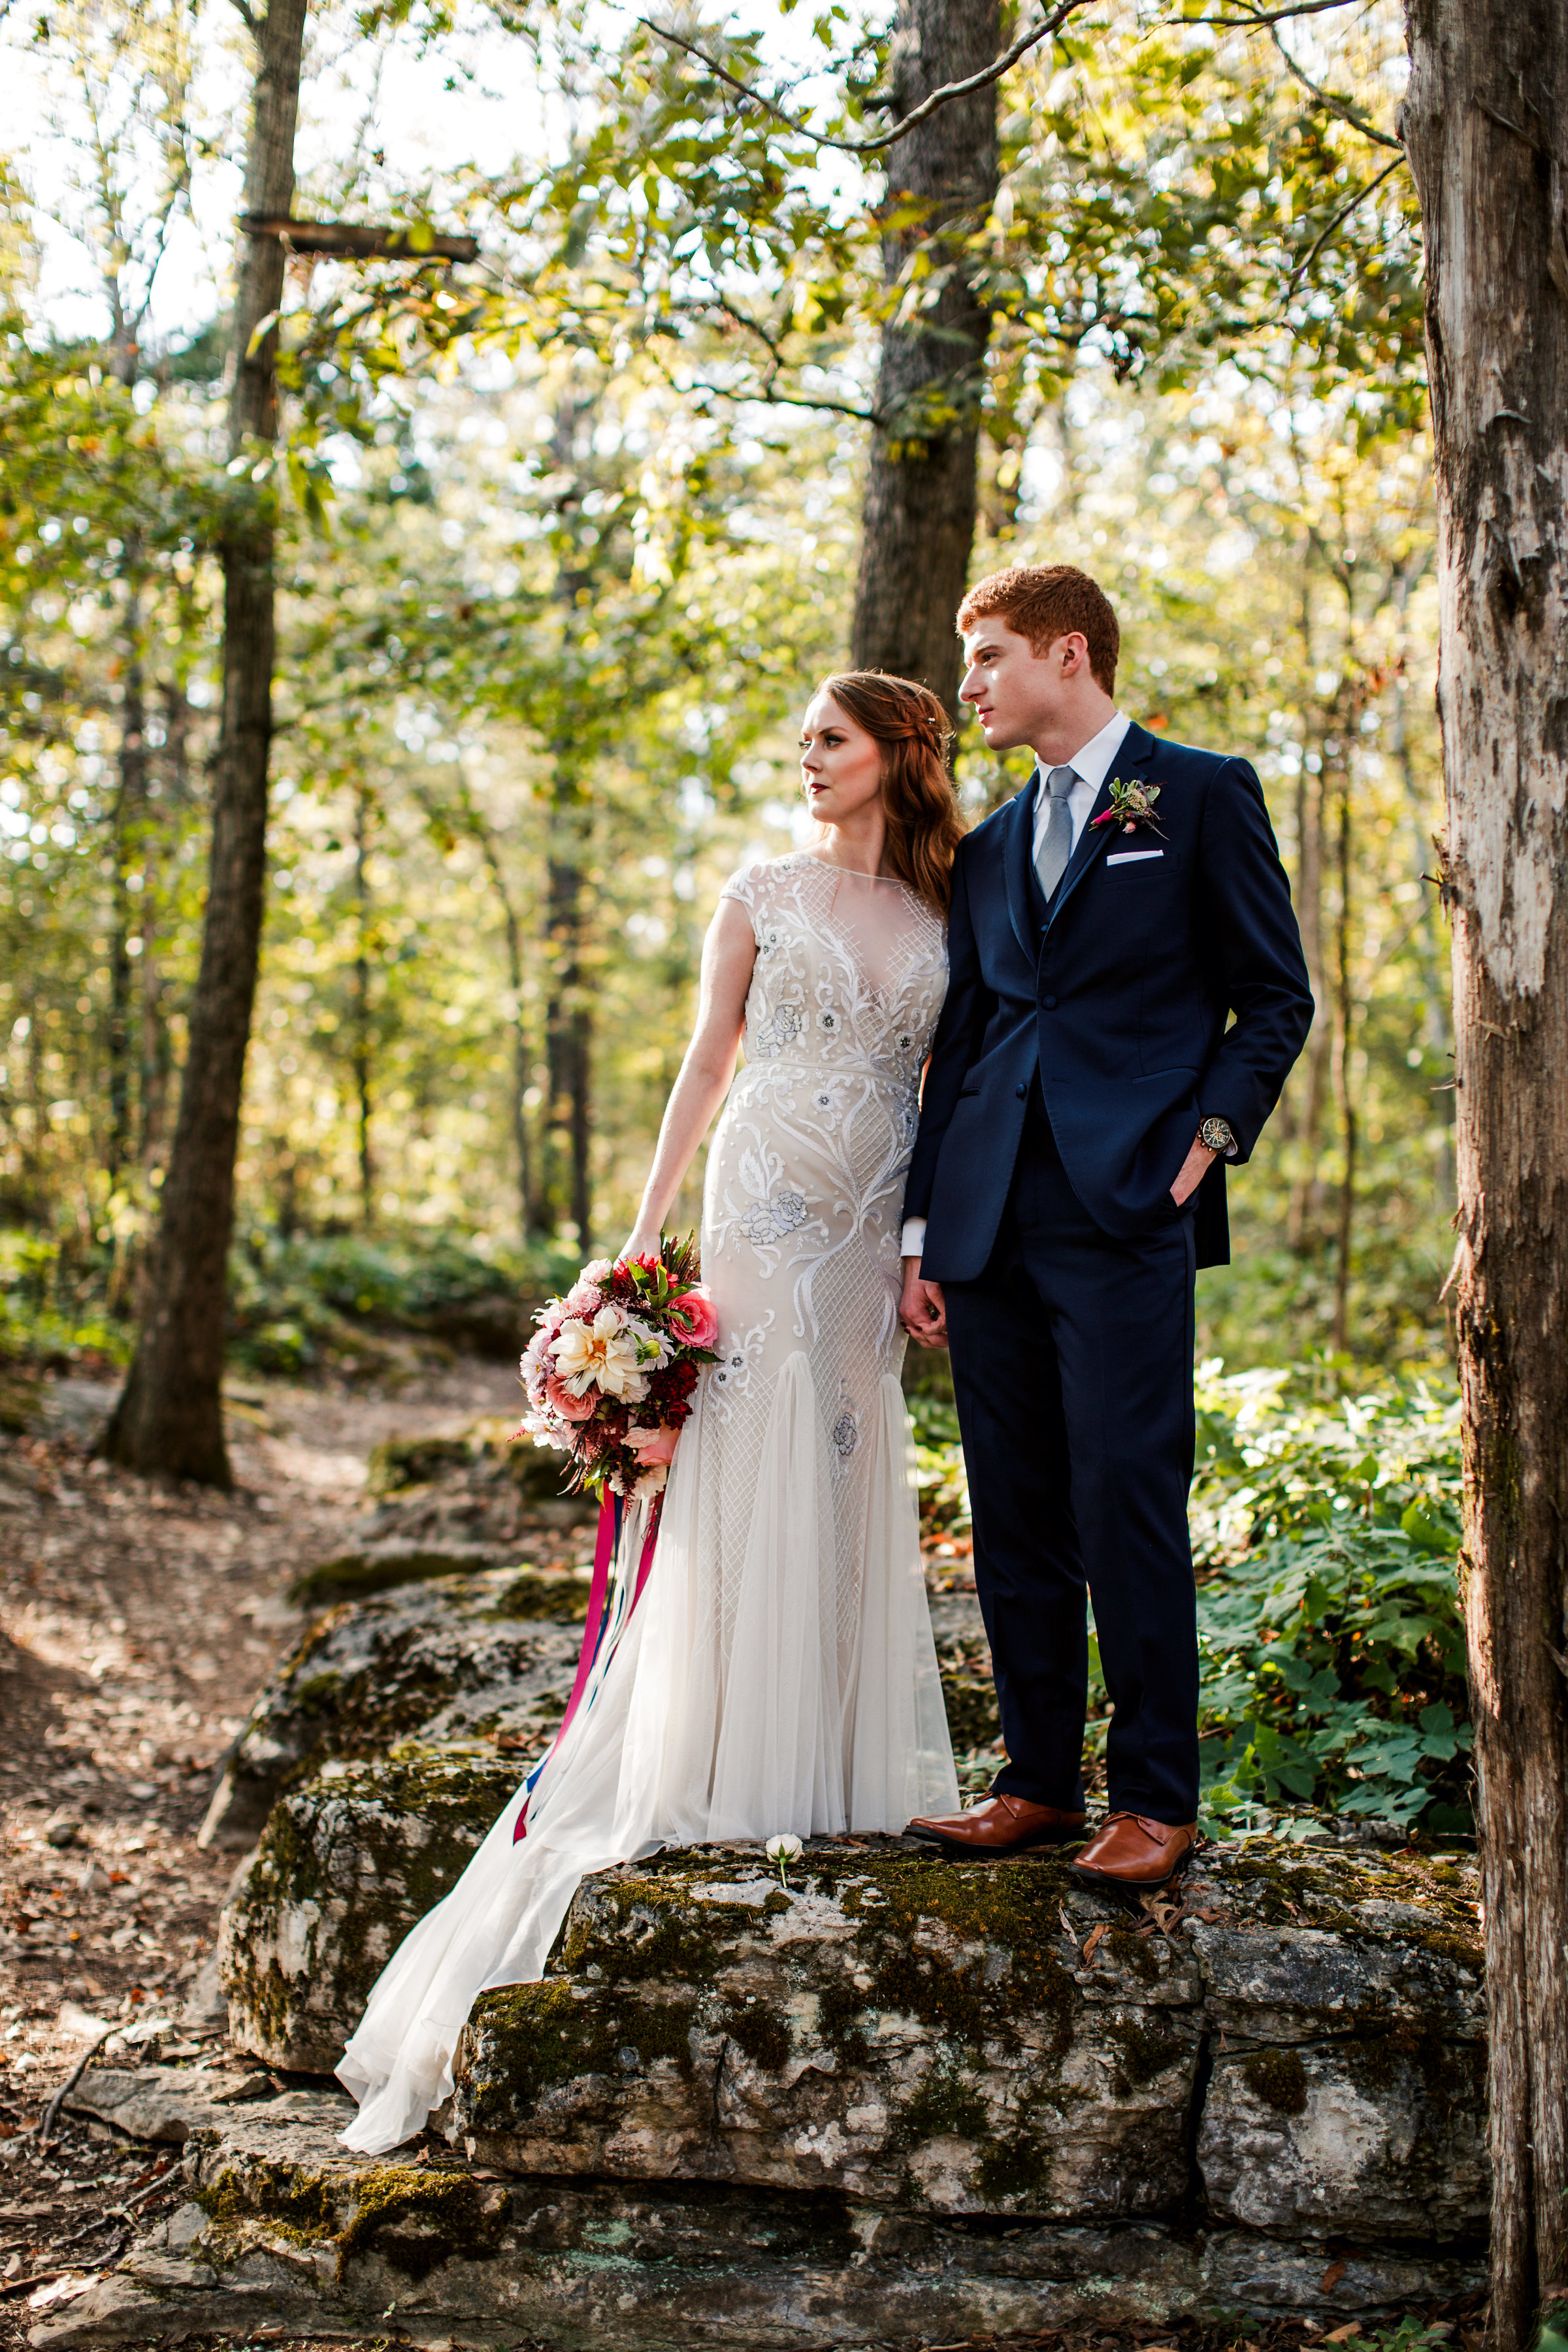 Wrens-Nest-Wedding-Murfreesboro-TN 28.jpg